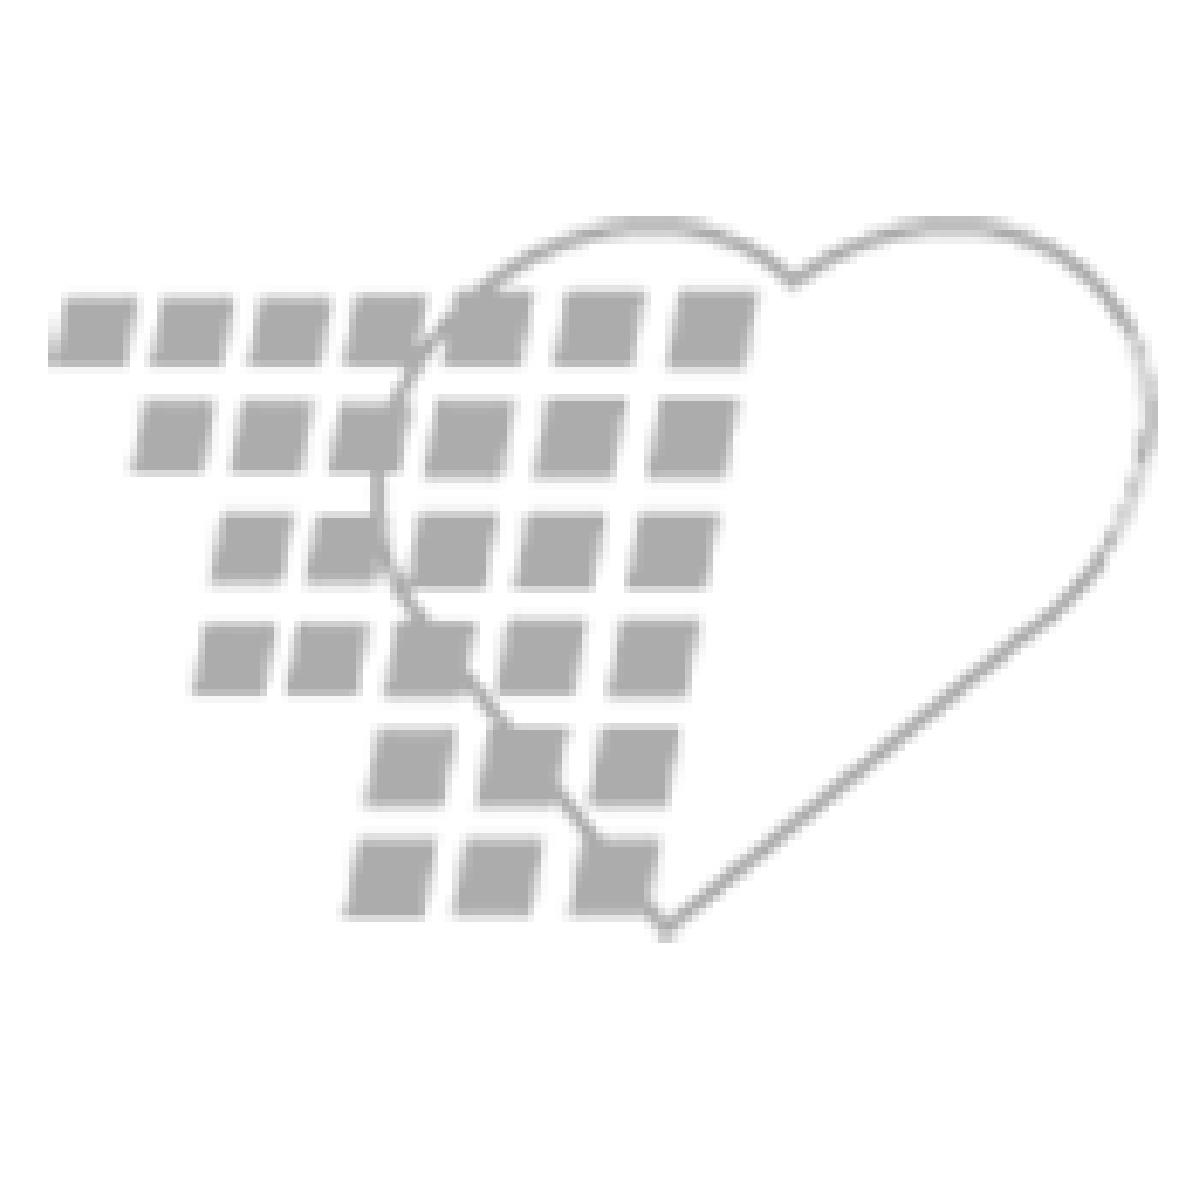 08-41-4406 - Argyle   Penrose Tubing - 1